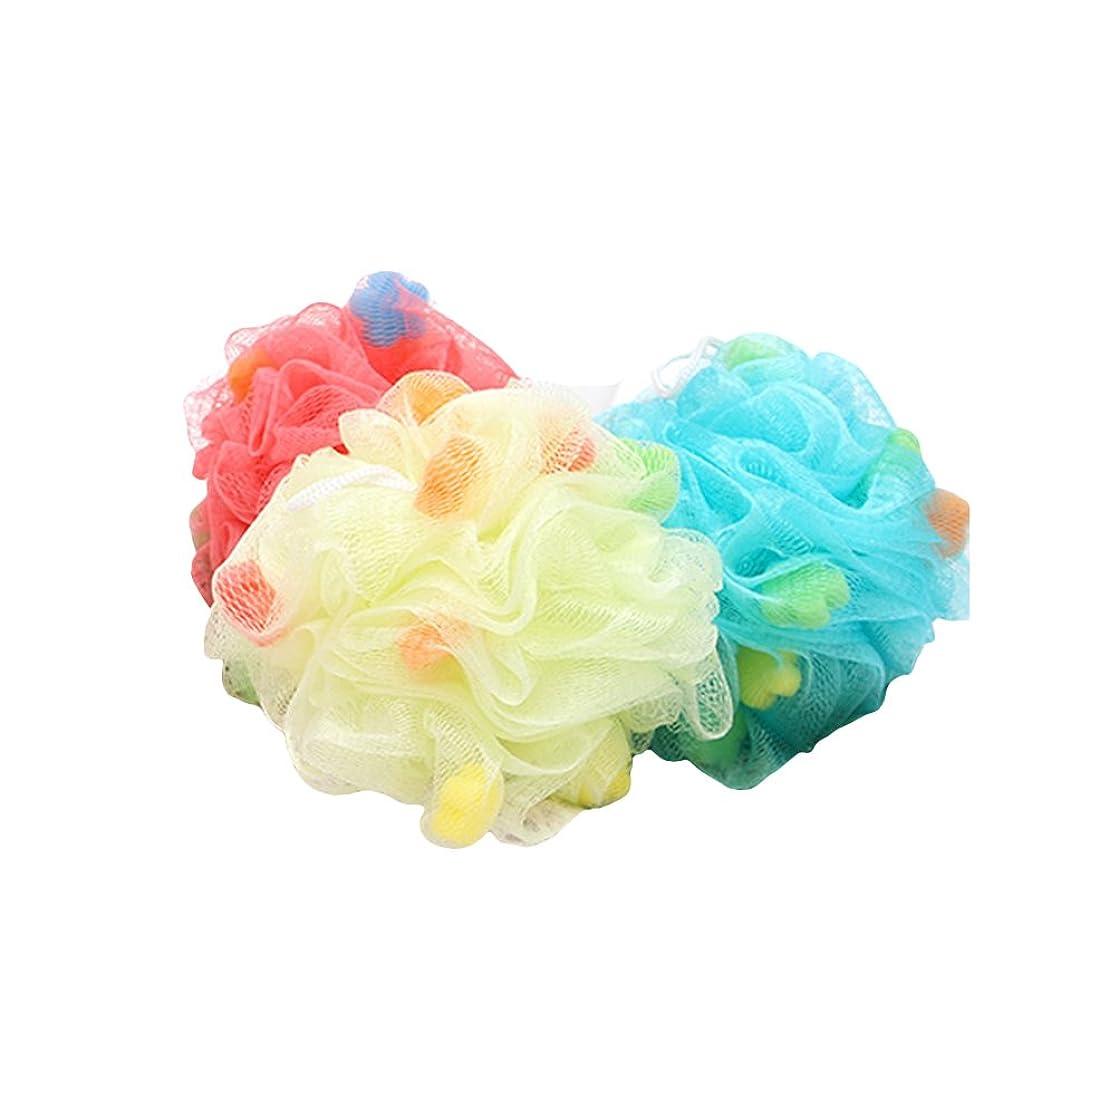 キャンパスブローホールベールHealifty ボディースポンジ 泡立てネット フラワーボール シャワー用 バス用品 背中も洗える メッシュ ボディ洗い 泡肌美人(ランダム色)3個